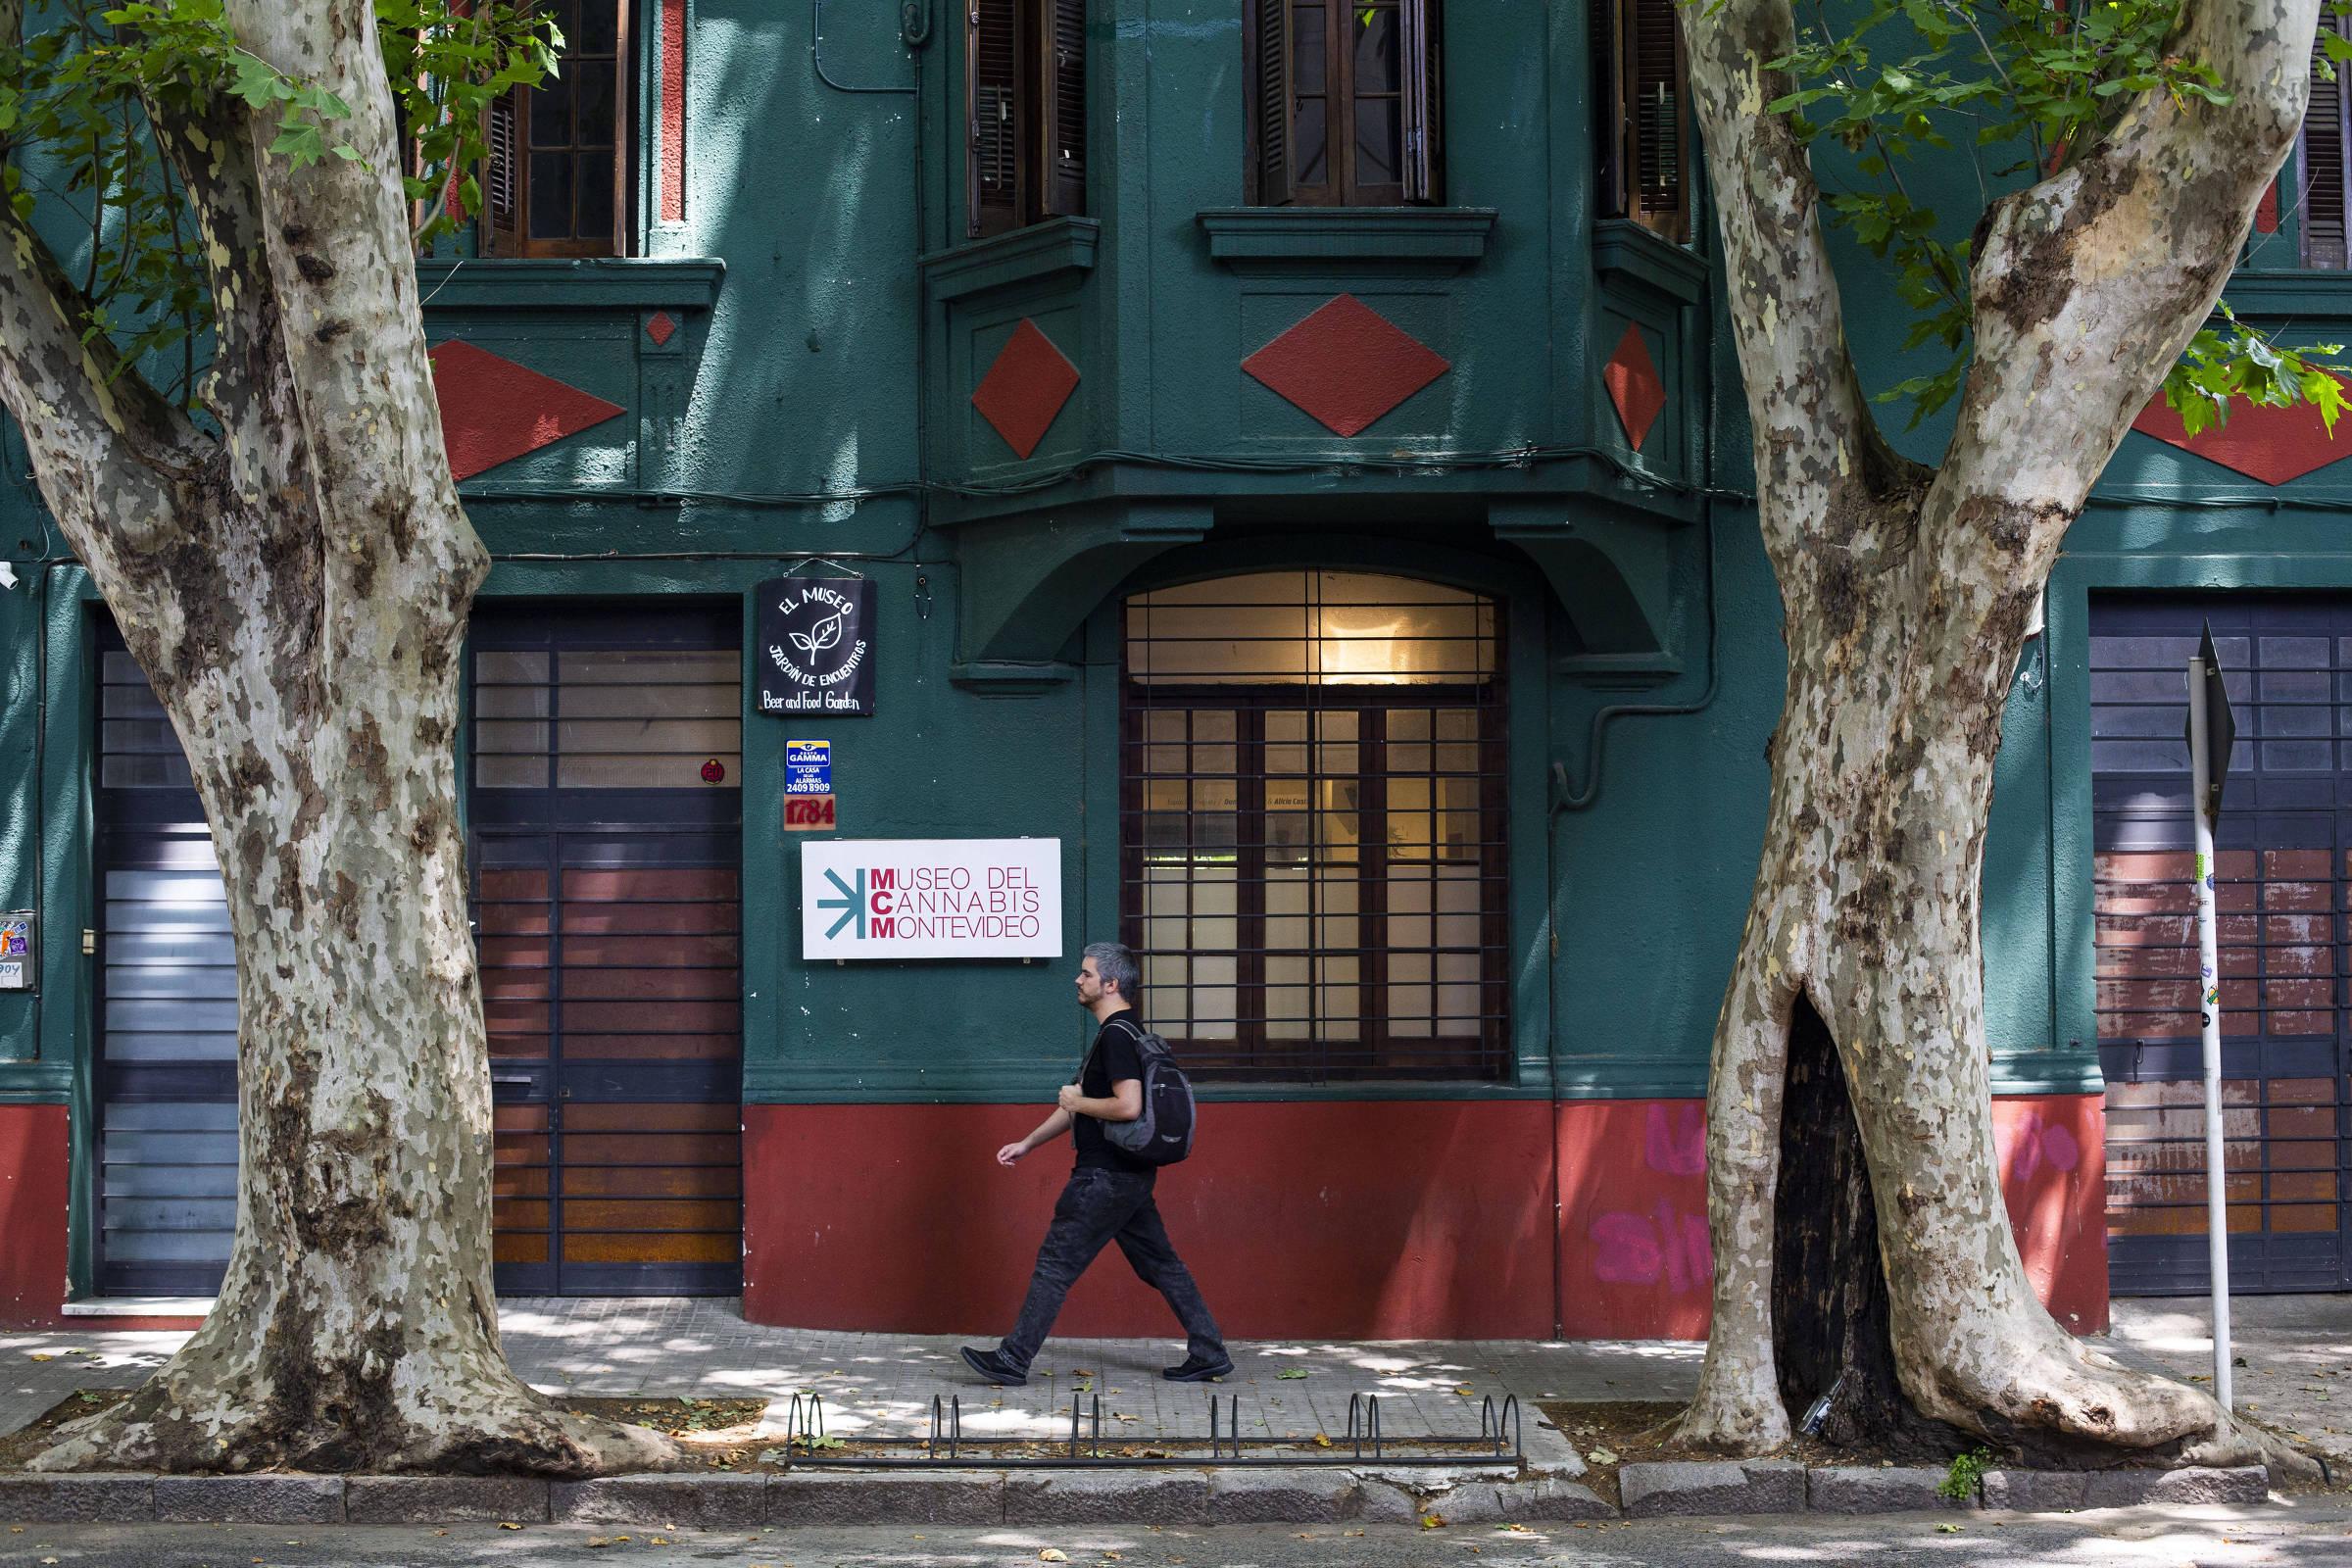 Fachada do Museu da Cânabis, em Montevidéu